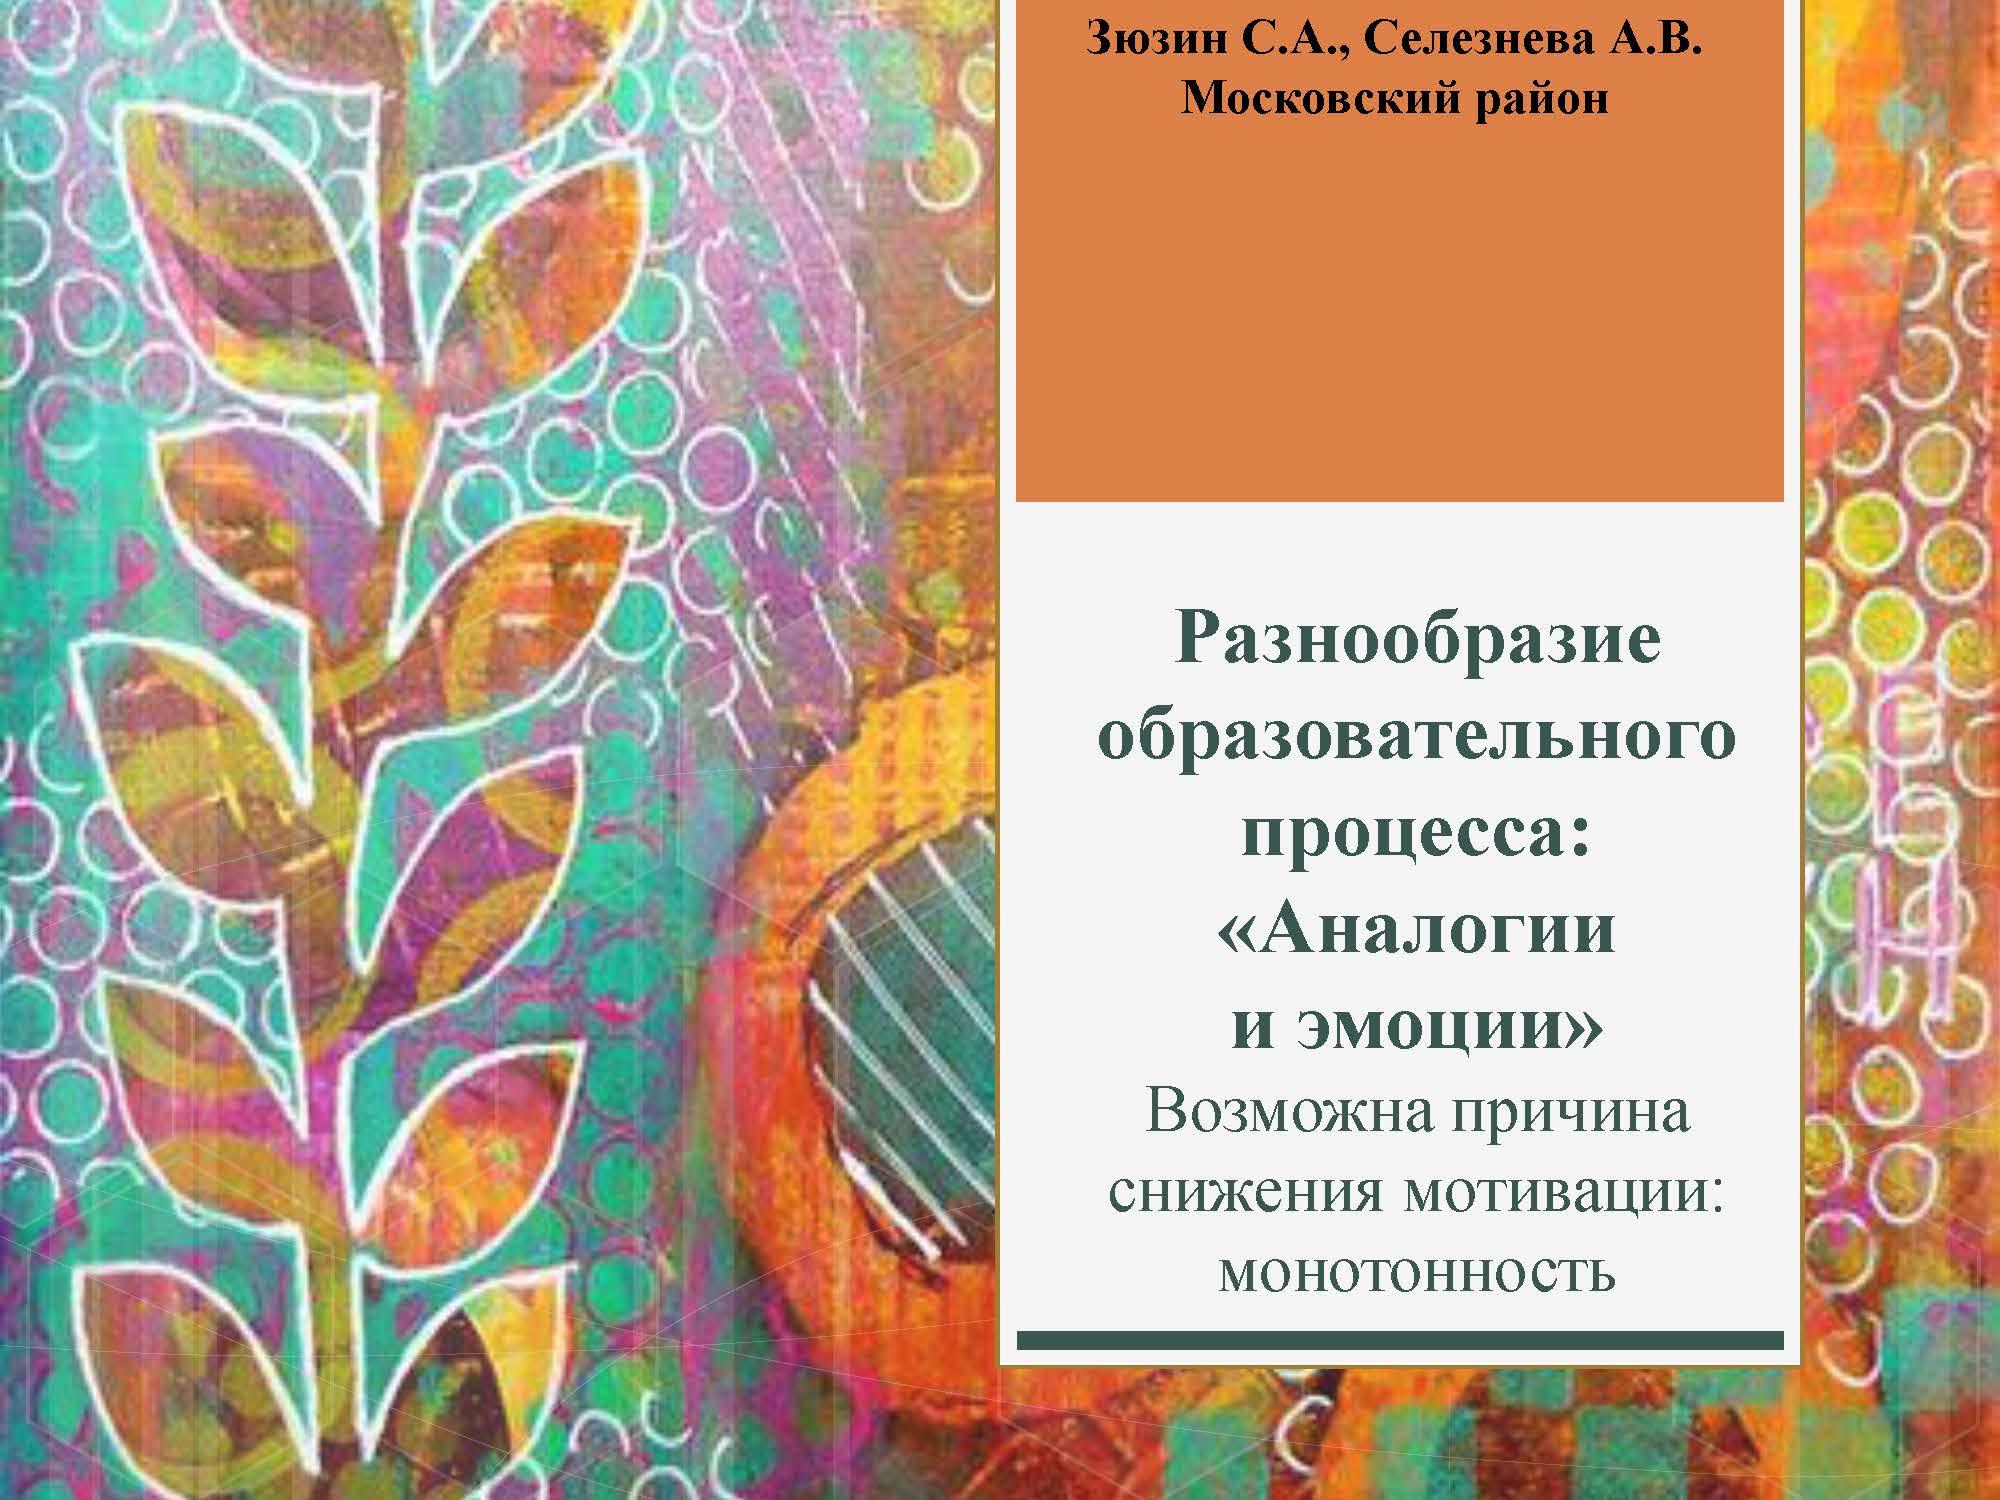 секция 8. ГБОУ 495. Московский район_Страница_10